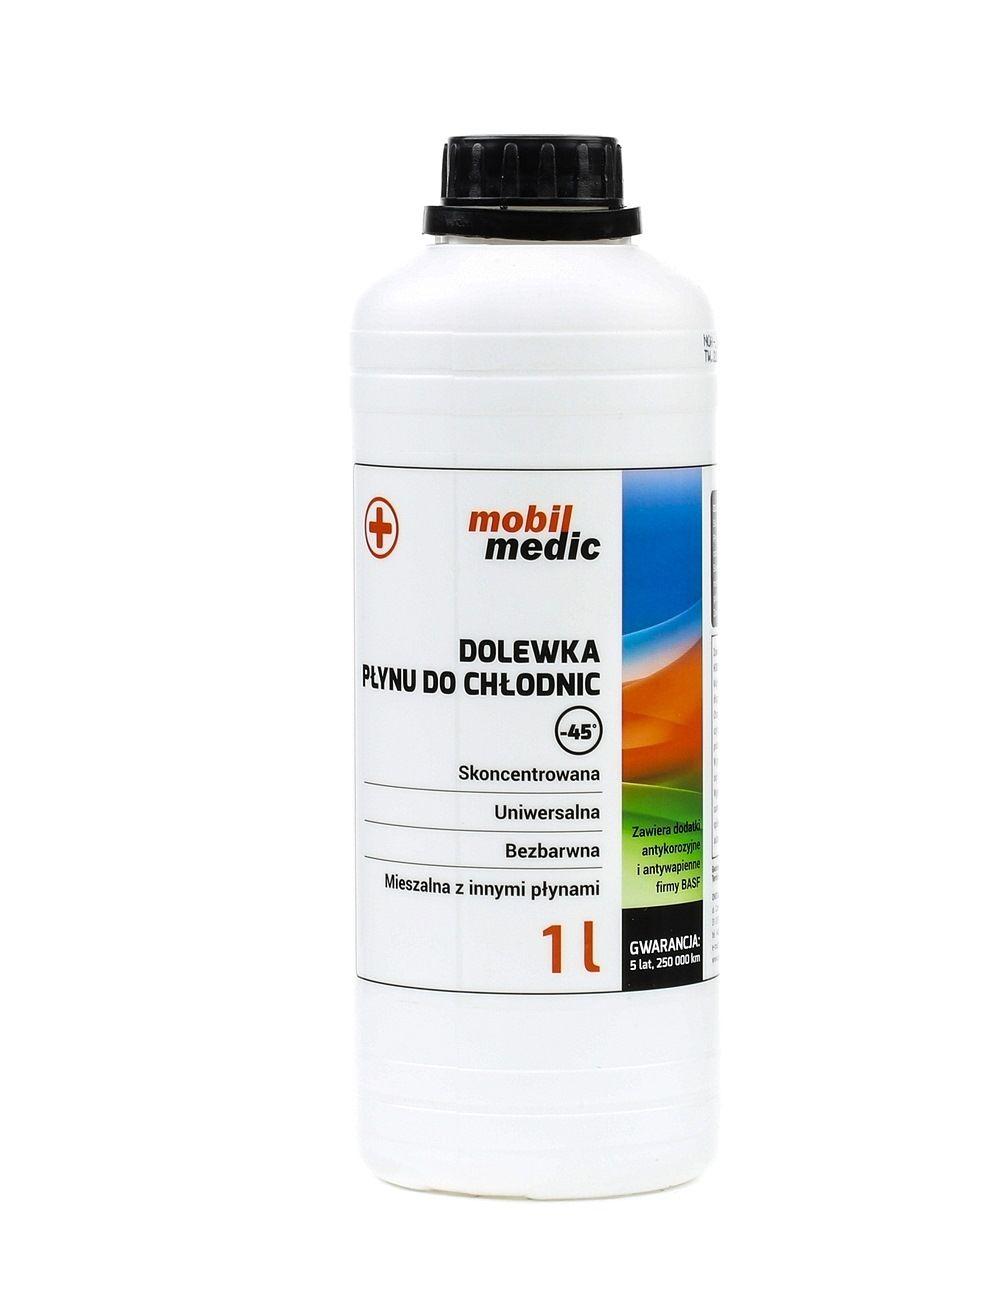 Kühlerfrostschutzmittel MOBIL MEDIC GMCDK1